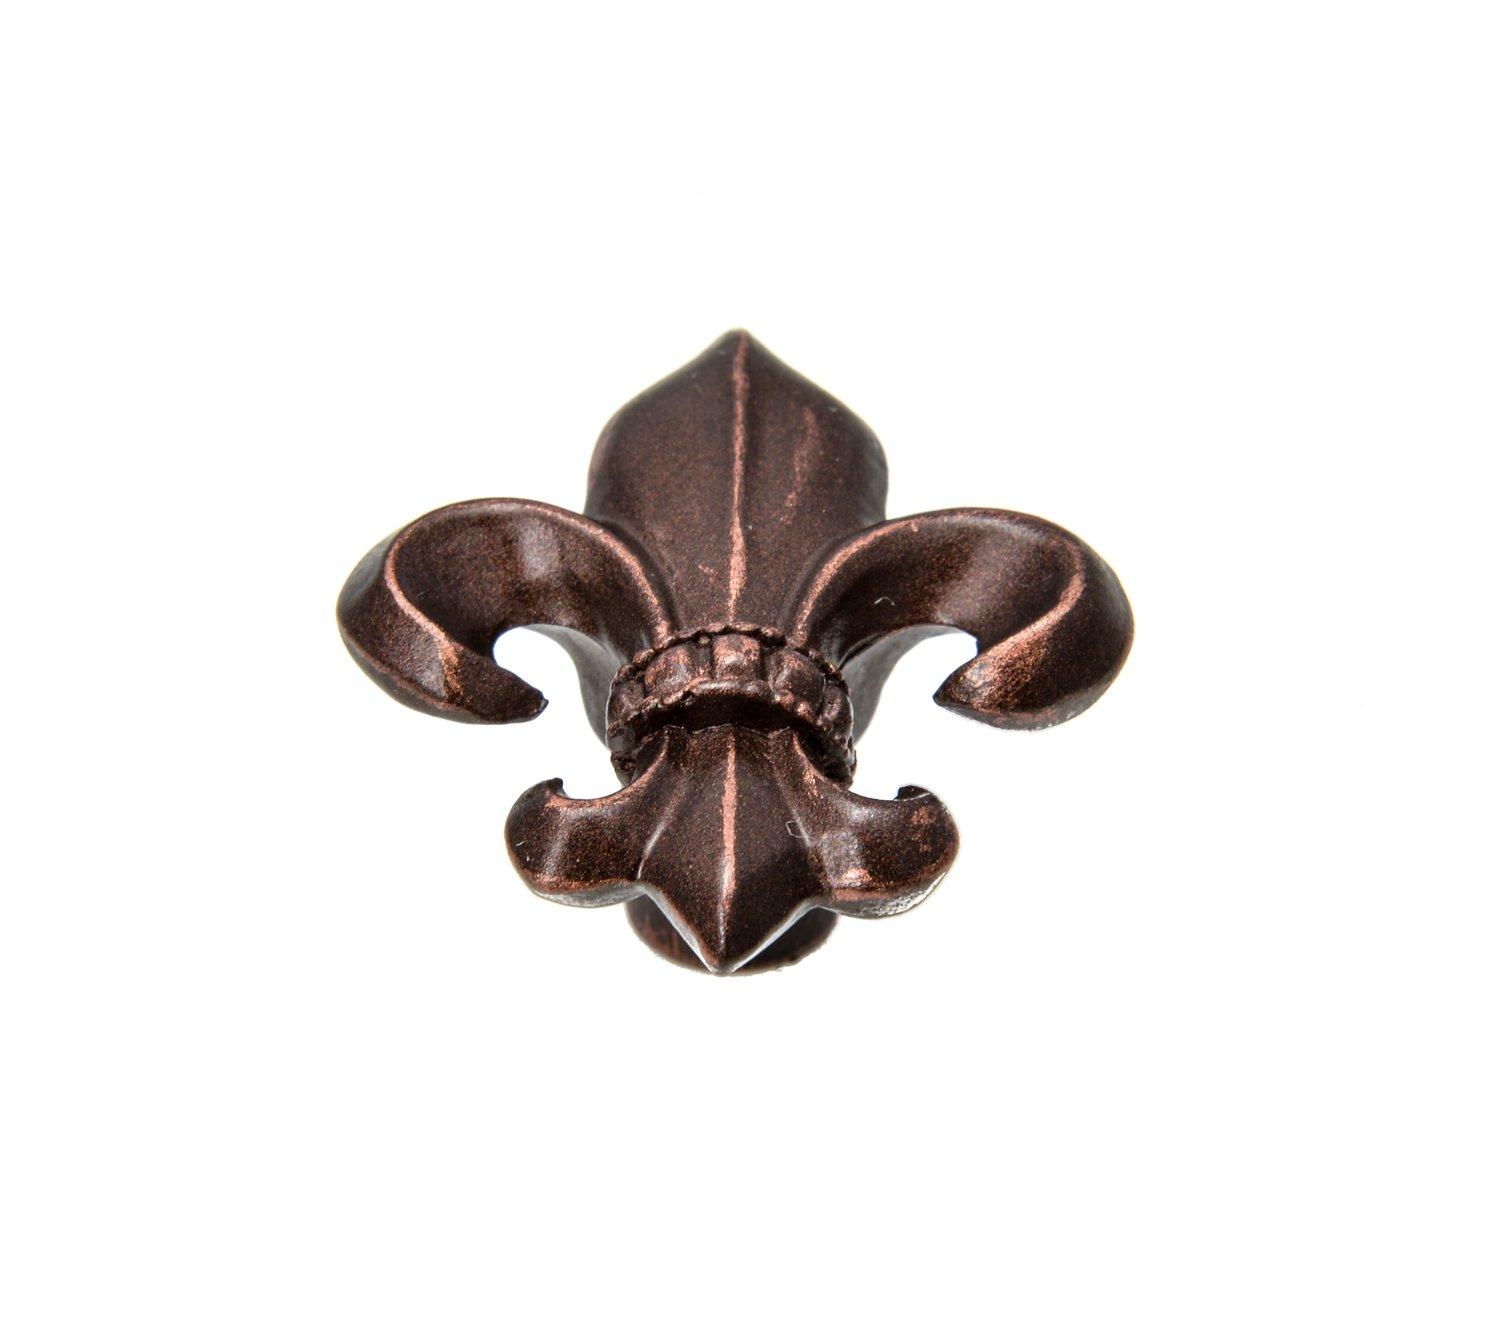 Carpe Diem Hardware Carpe Diem 597-22 Charlemagne Fleur de lys knob Oil Rubbed Bronze Oil Rubbed Bronze